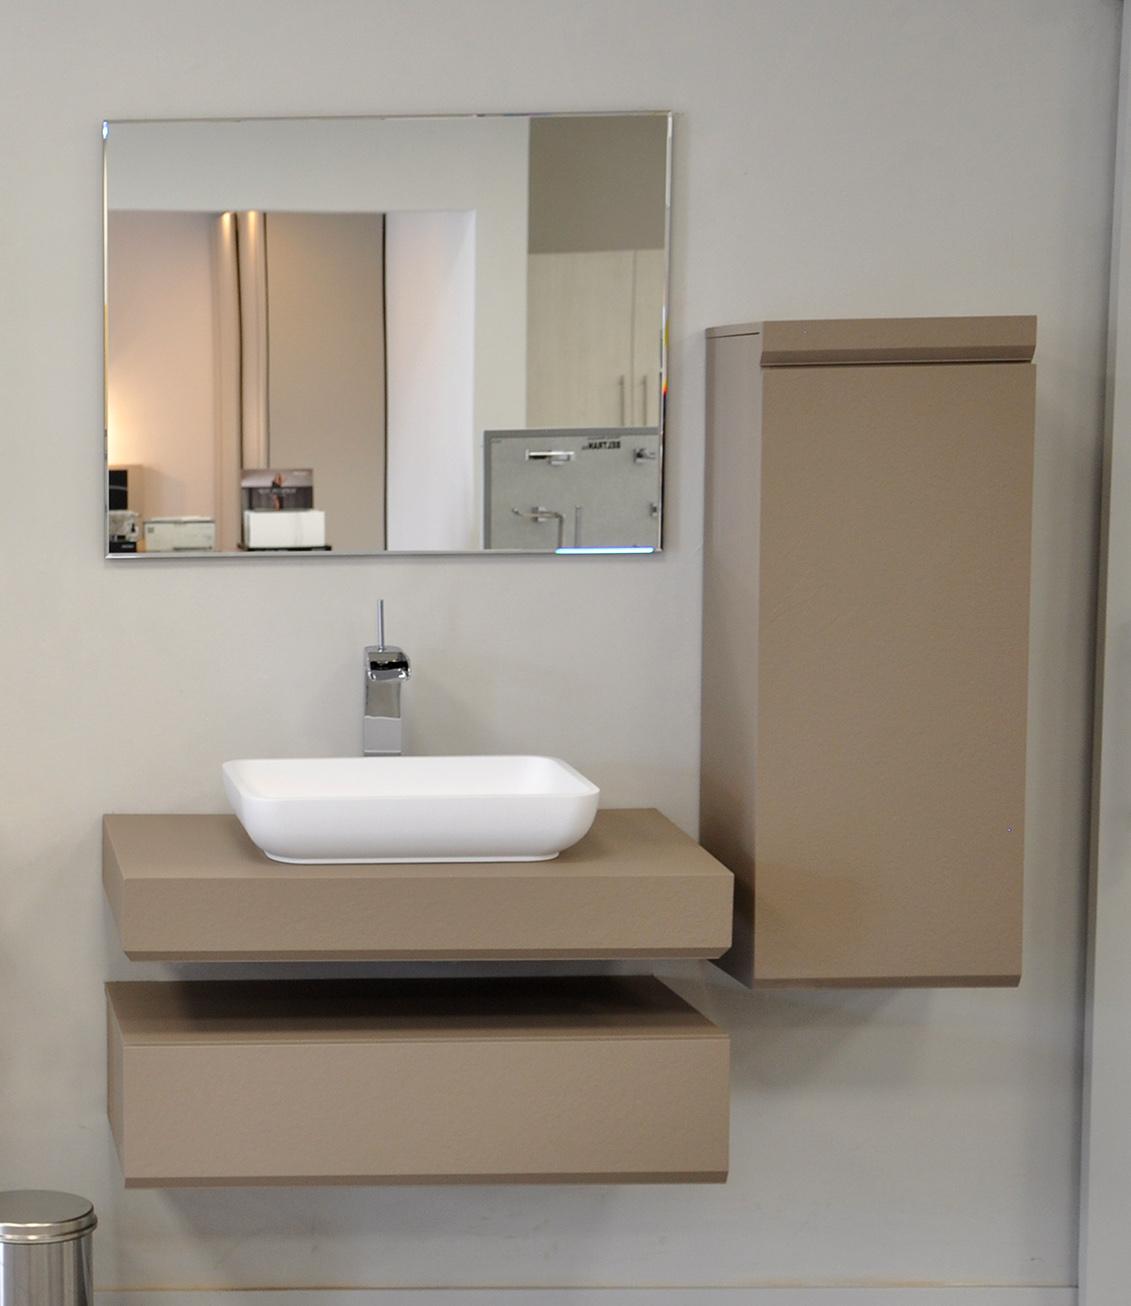 Mueble de baño Fiora 1 puerta